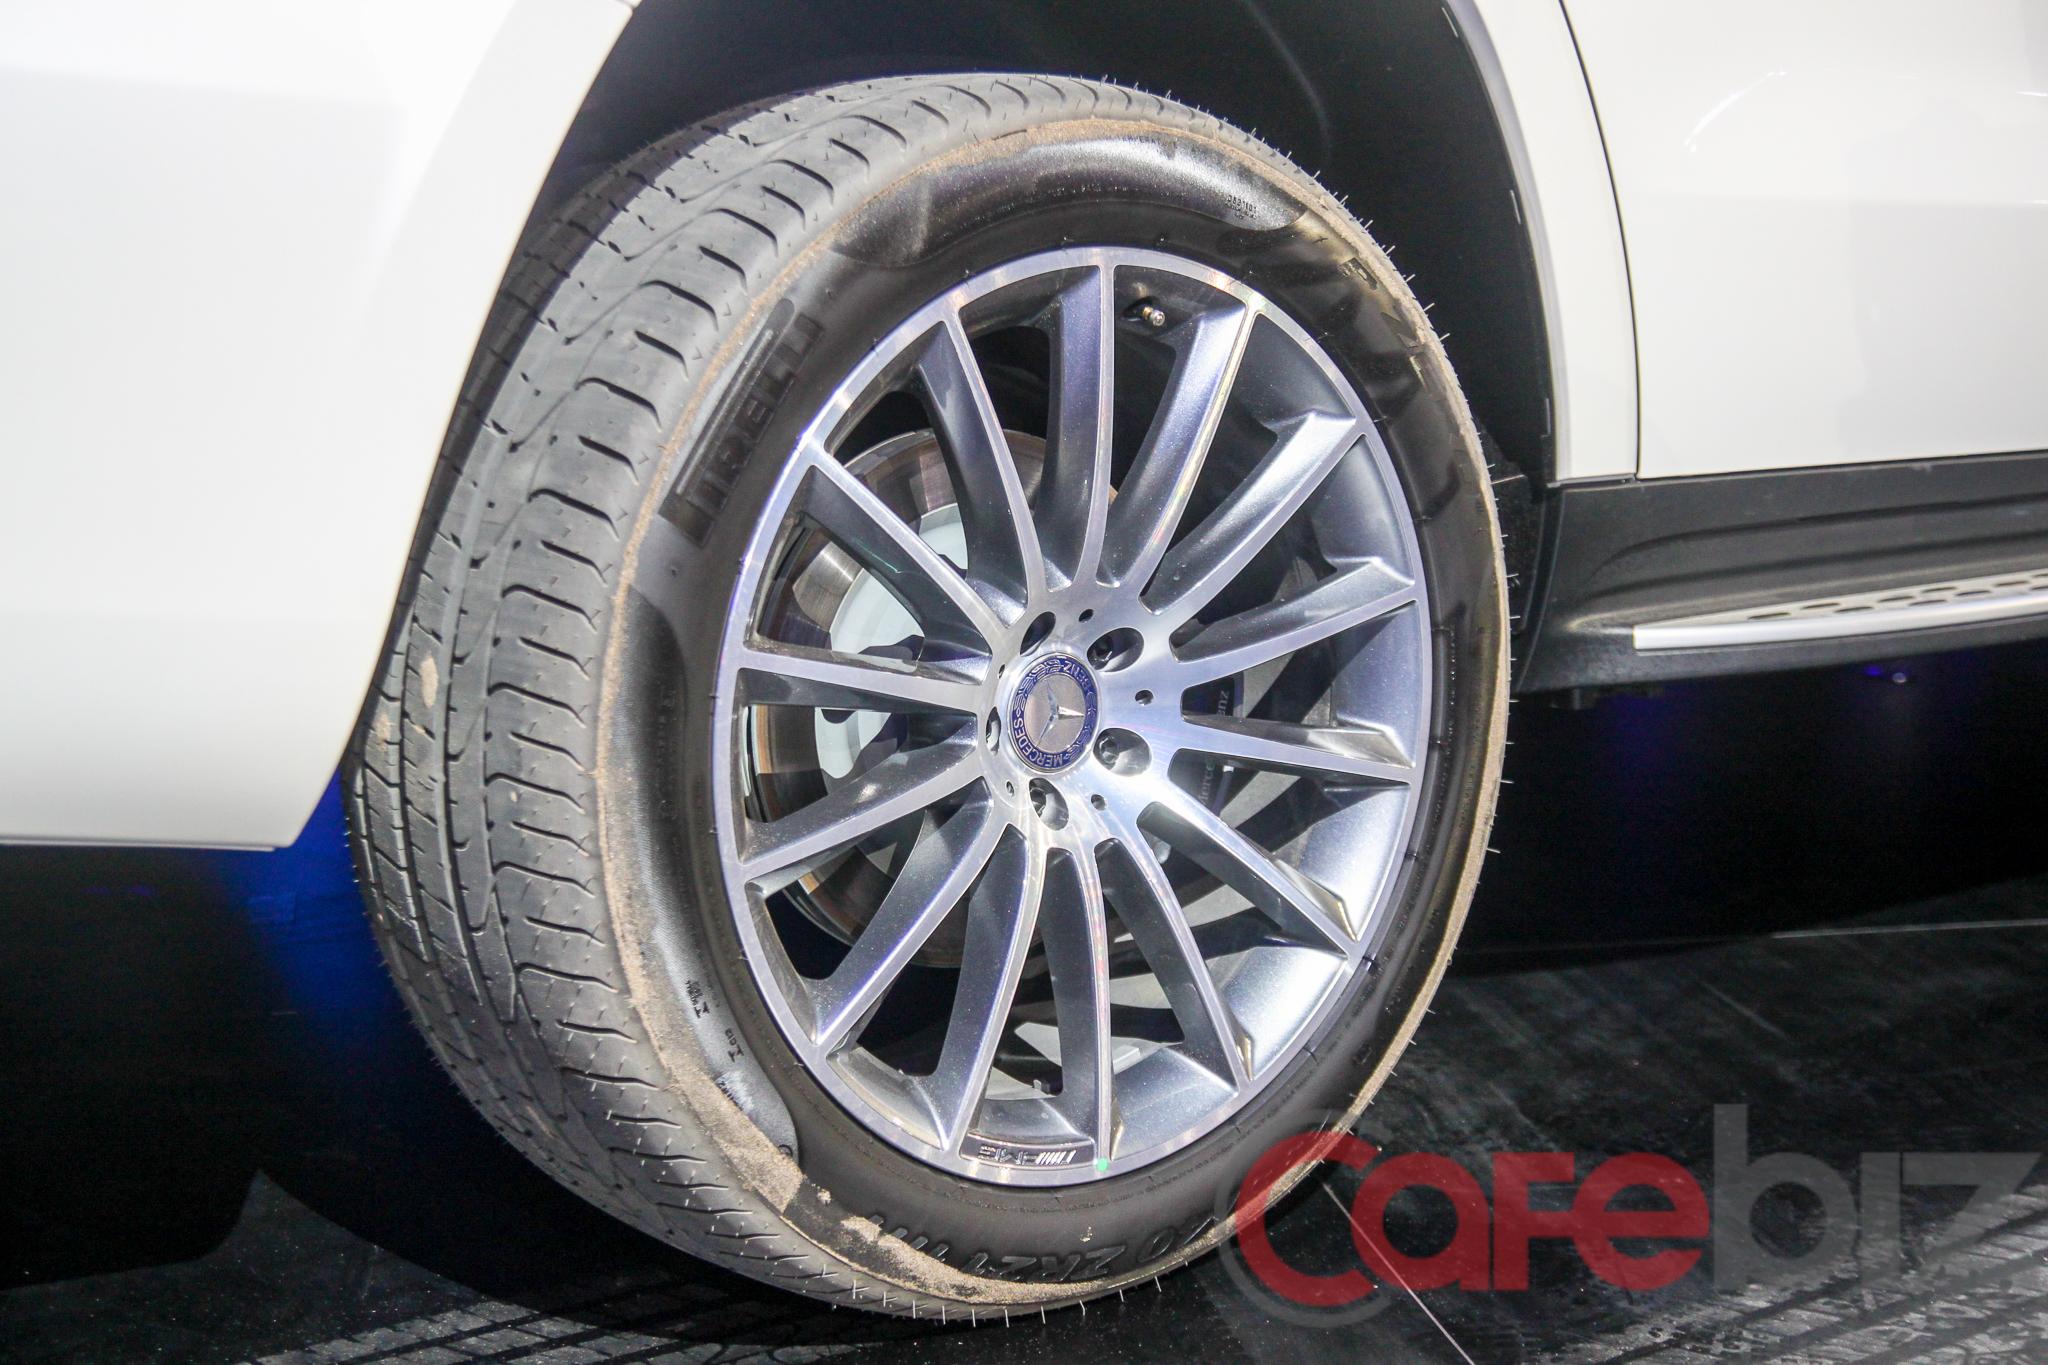 Vành hợp kim 21 inch đa chấu trên Mercedes-Benz GLS 500 4Matic.